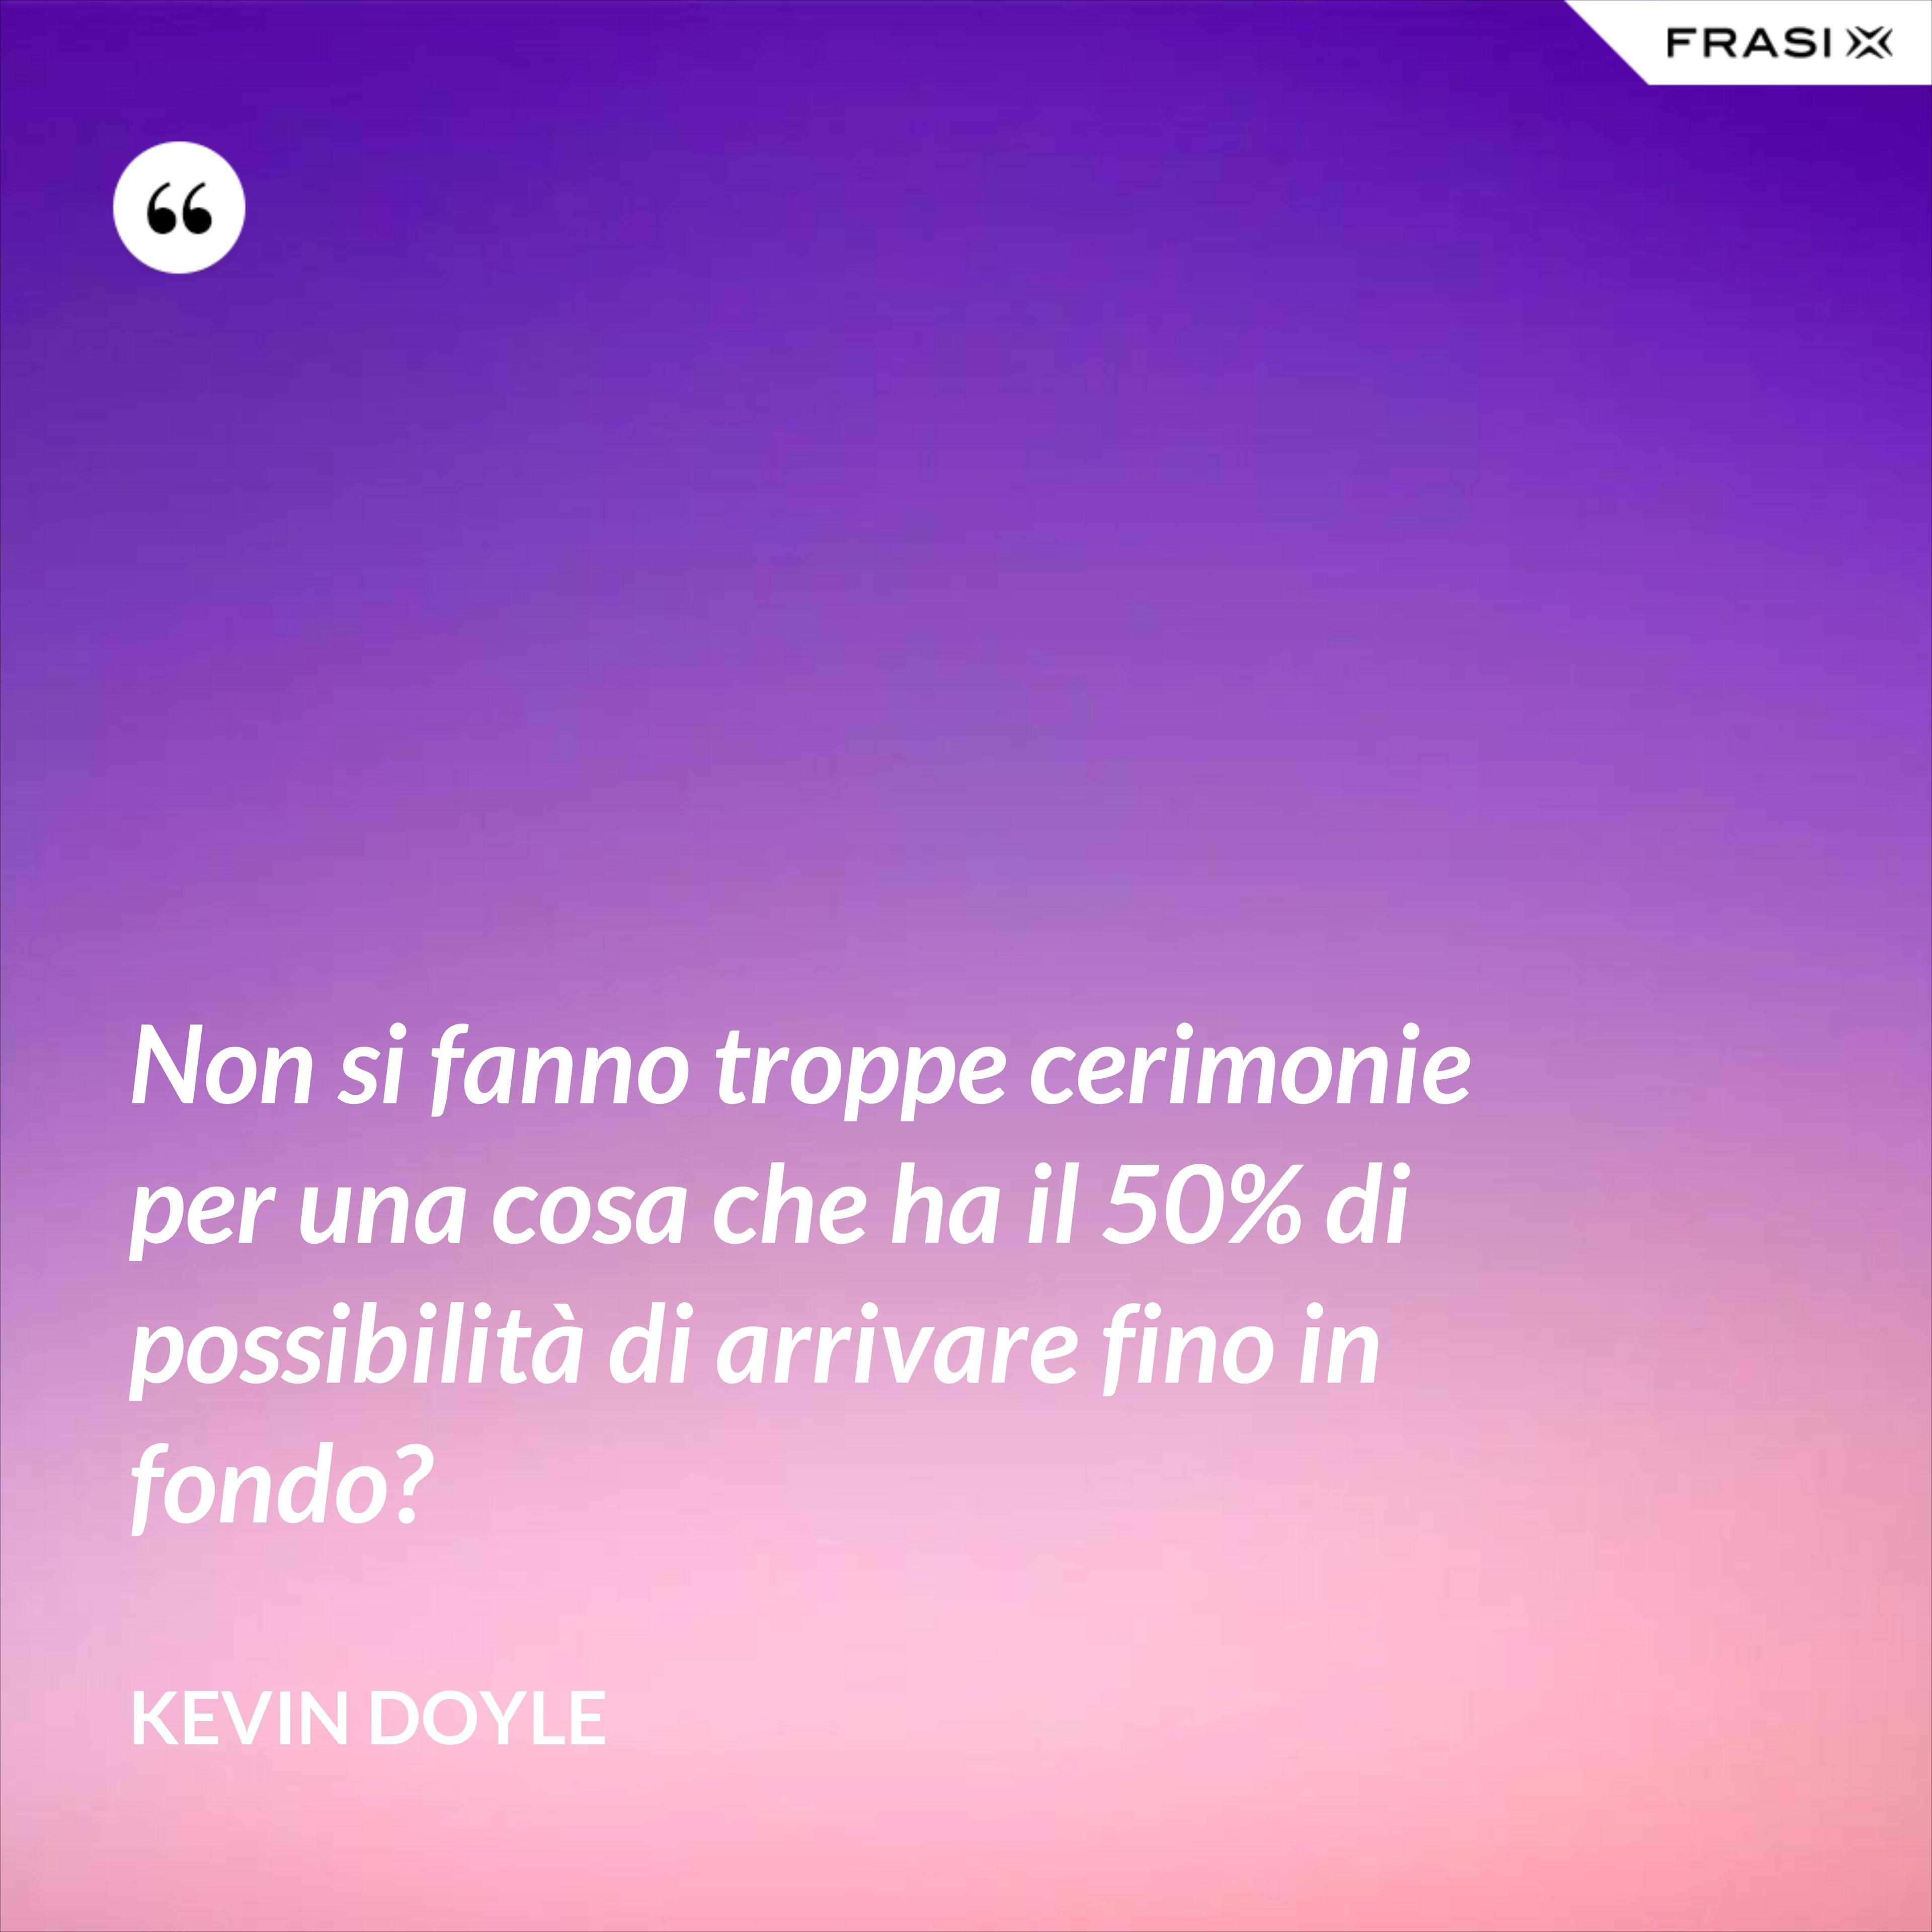 Non si fanno troppe cerimonie per una cosa che ha il 50% di possibilità di arrivare fino in fondo? - Kevin Doyle